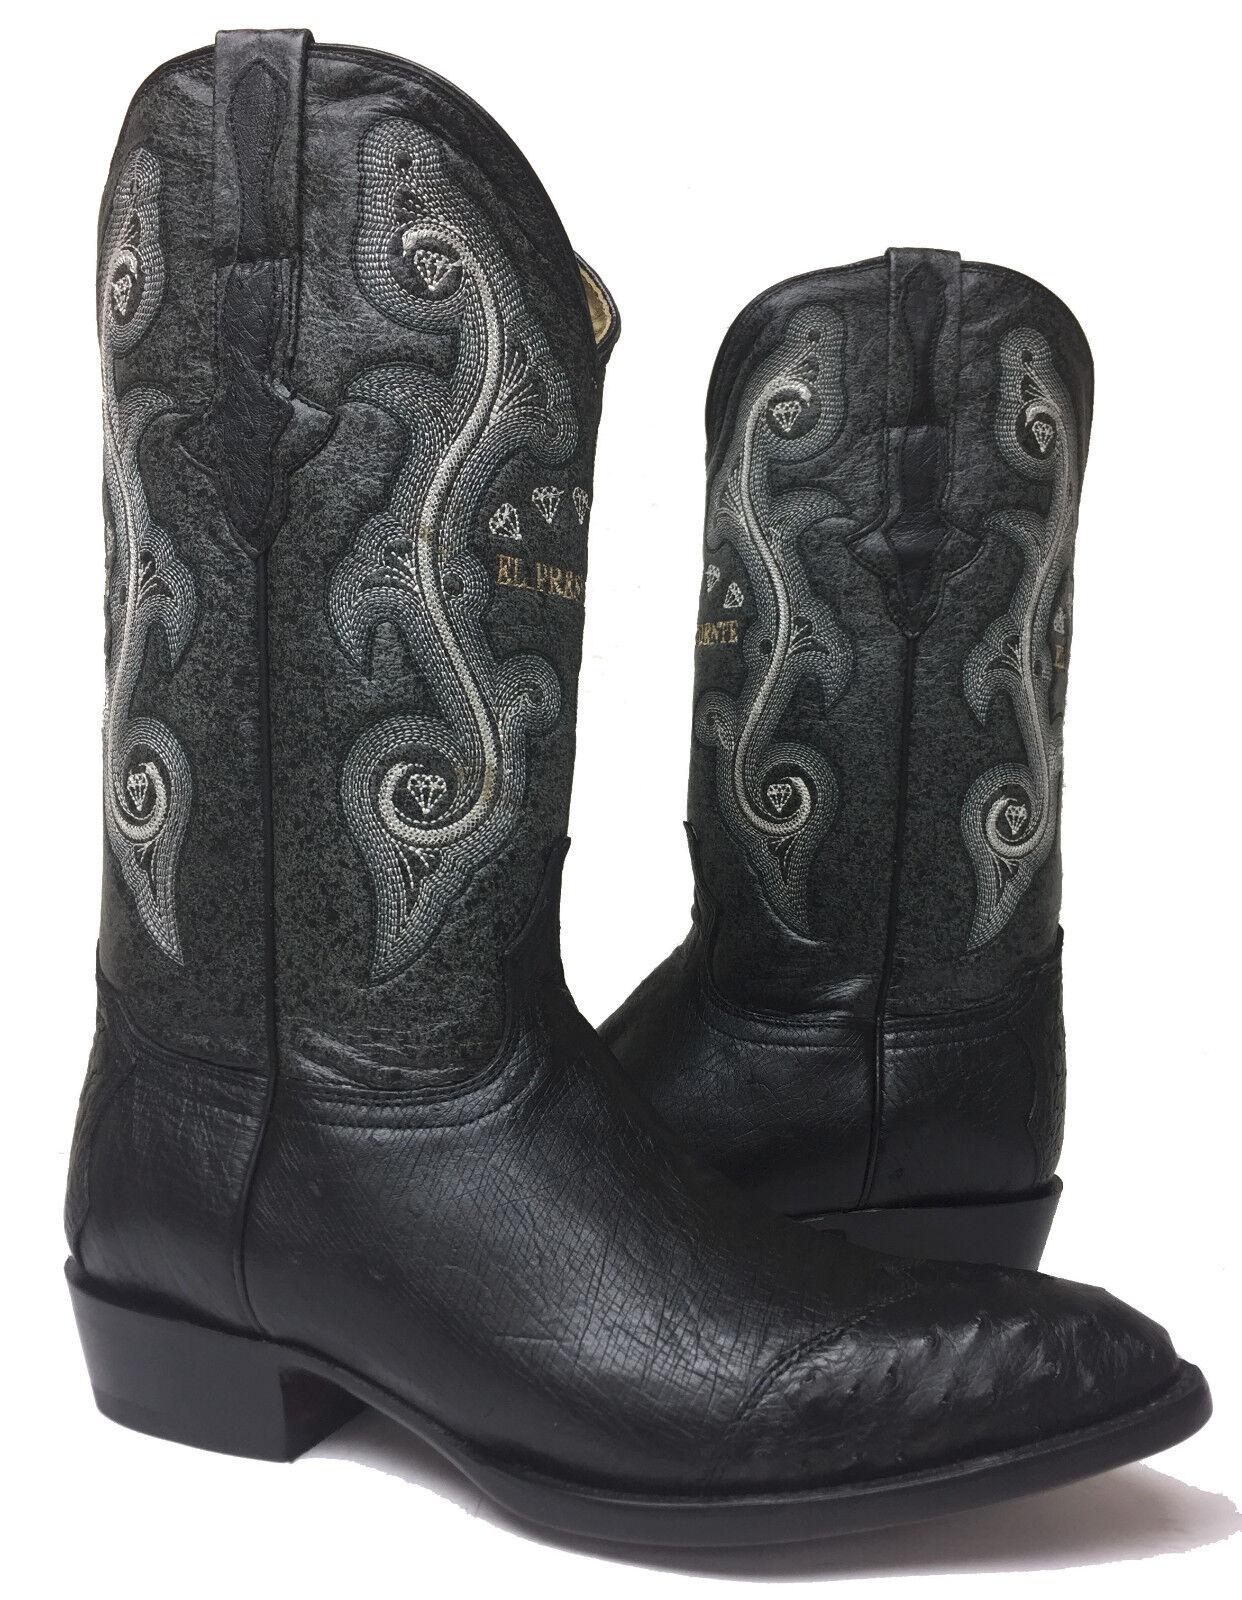 3eb8091d699 VTG VTG VTG Wrangler Men Cowboy Boots size 8.5 Western Distressed ...